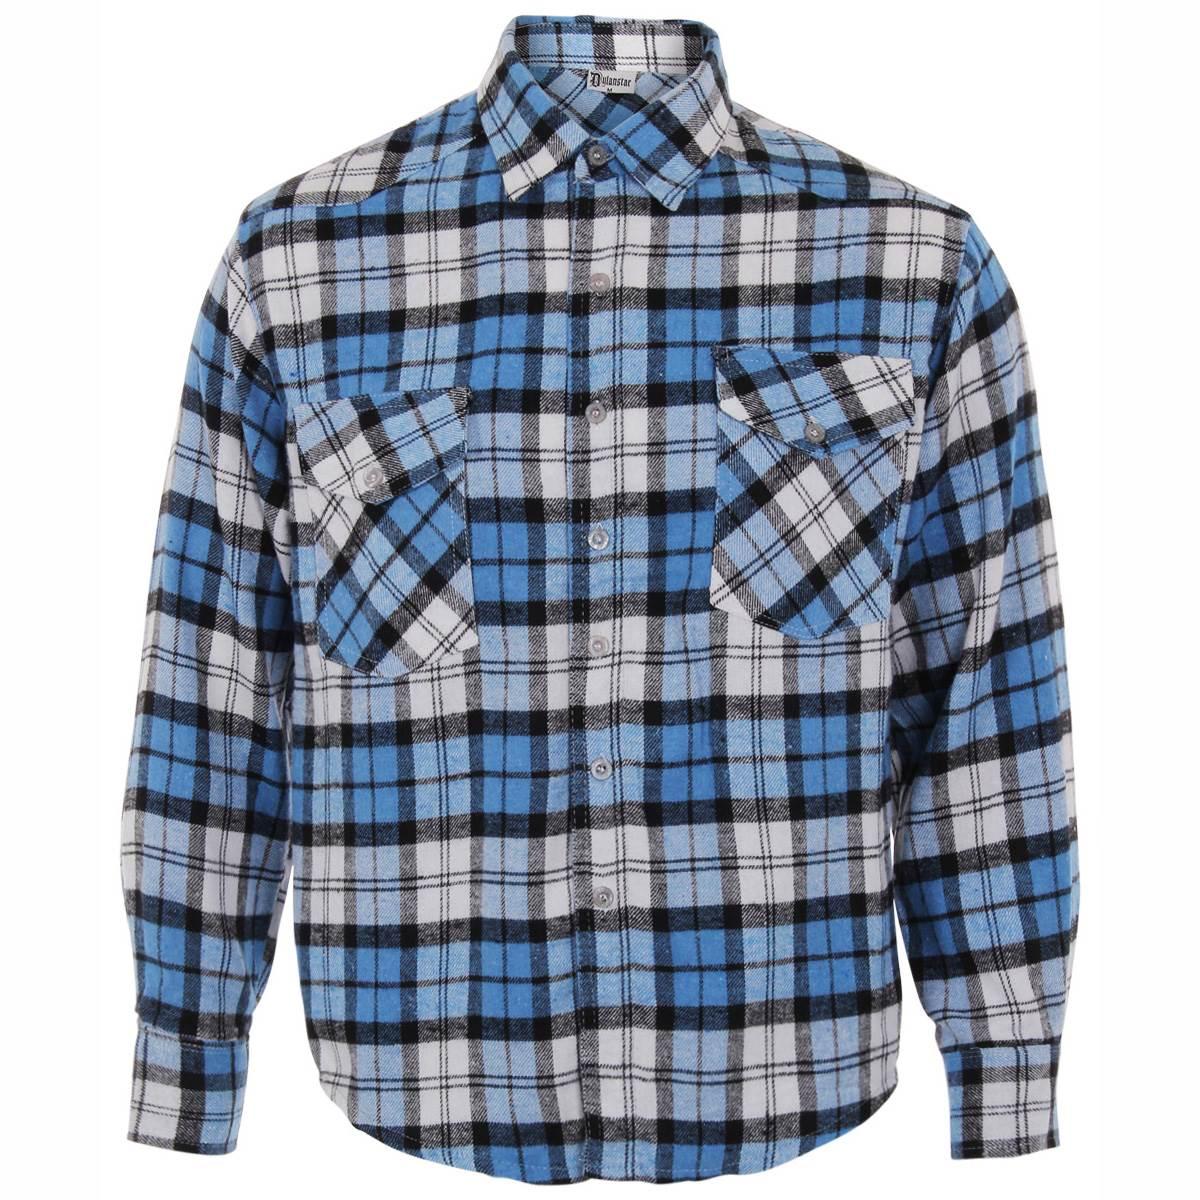 Vêtements, accessoires > Hommes: vêtements > Chemises